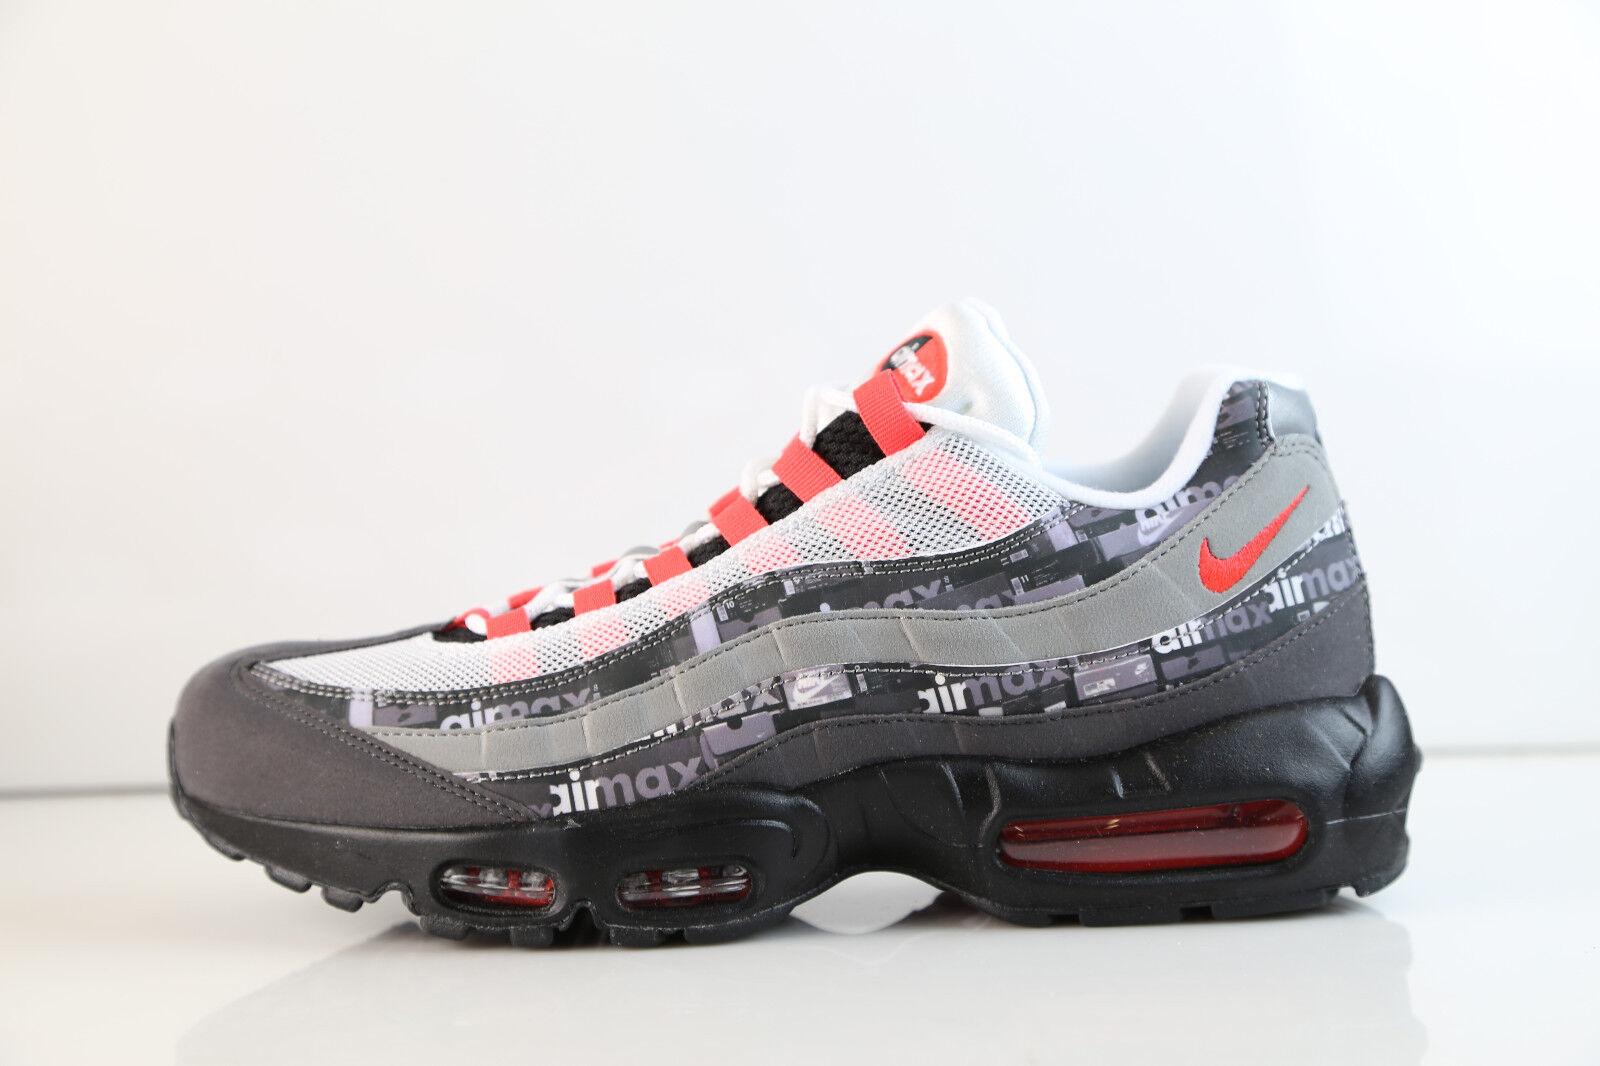 Nike Atmos Air Max 95 PRNT We Love Nike Black Bright Crimson AQ0925-002 5-12 1